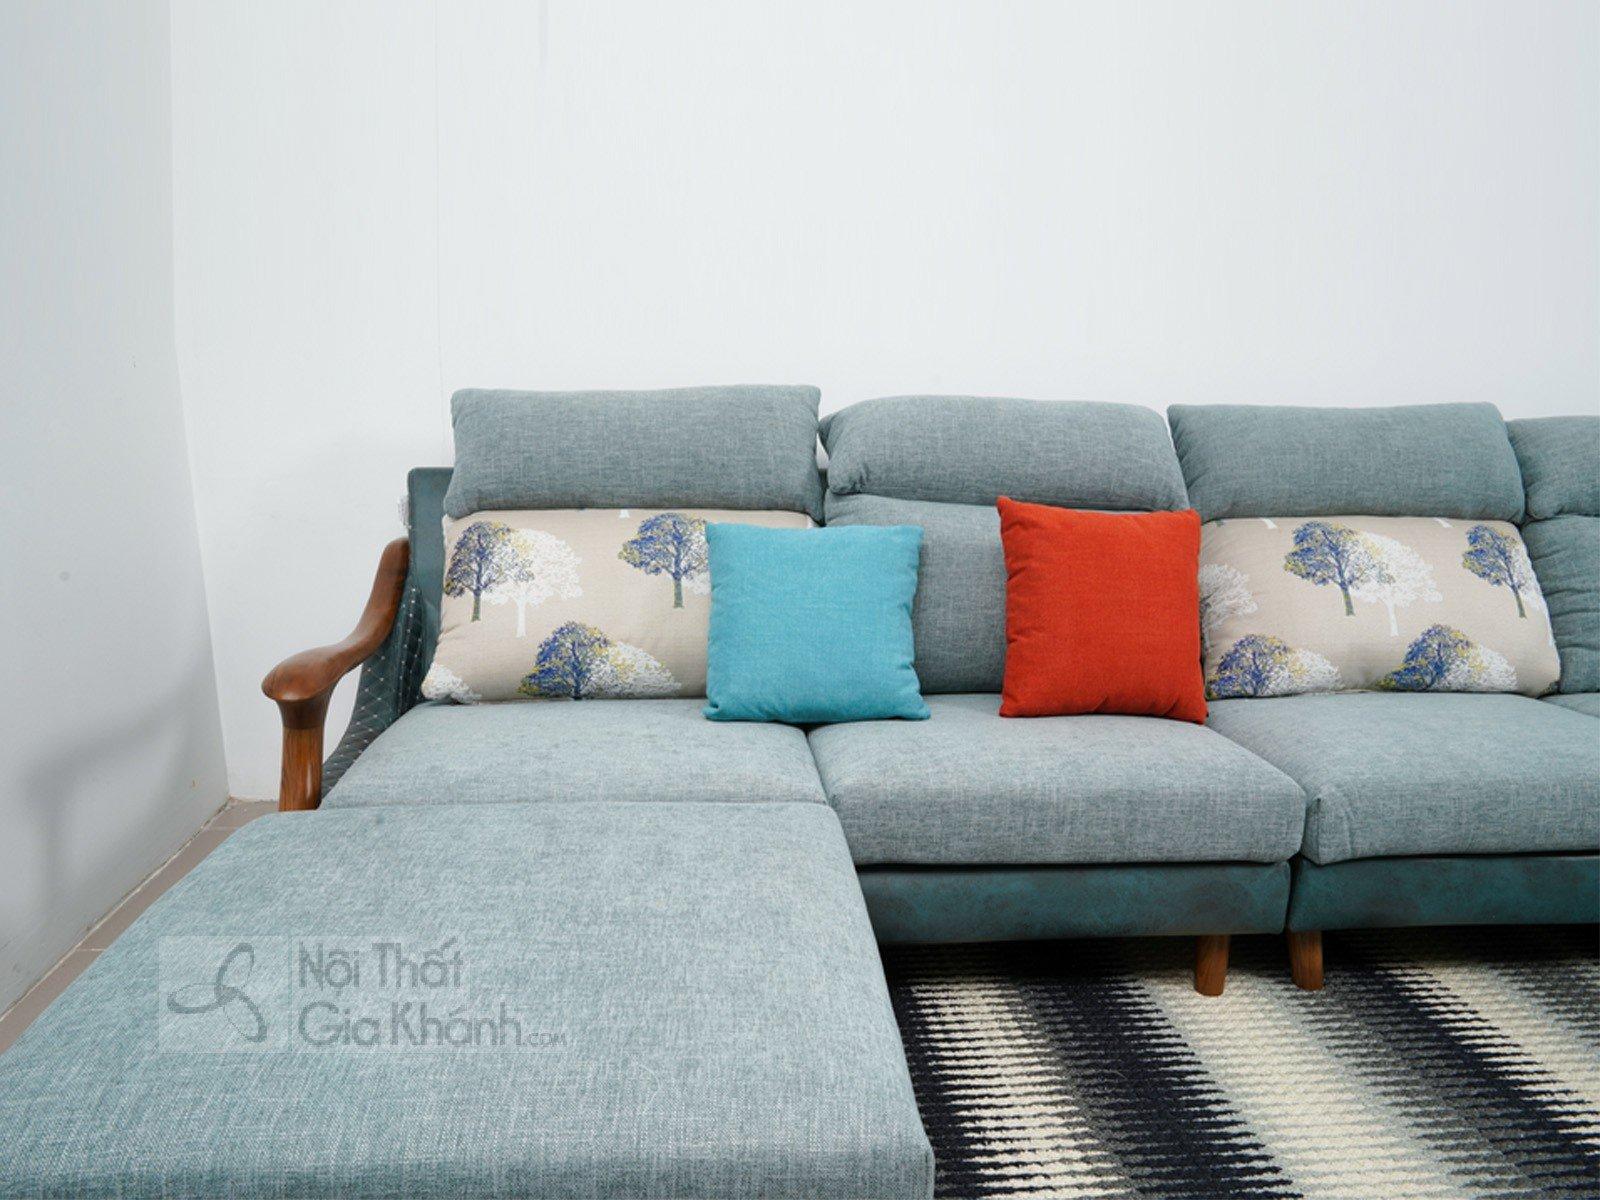 sofa hien dai MR802C SF 3200x1830x790 1 - SOFA VÀ ĐÔN NỈ KHUNG GỖ HIỆN ĐẠI MR802C-SF